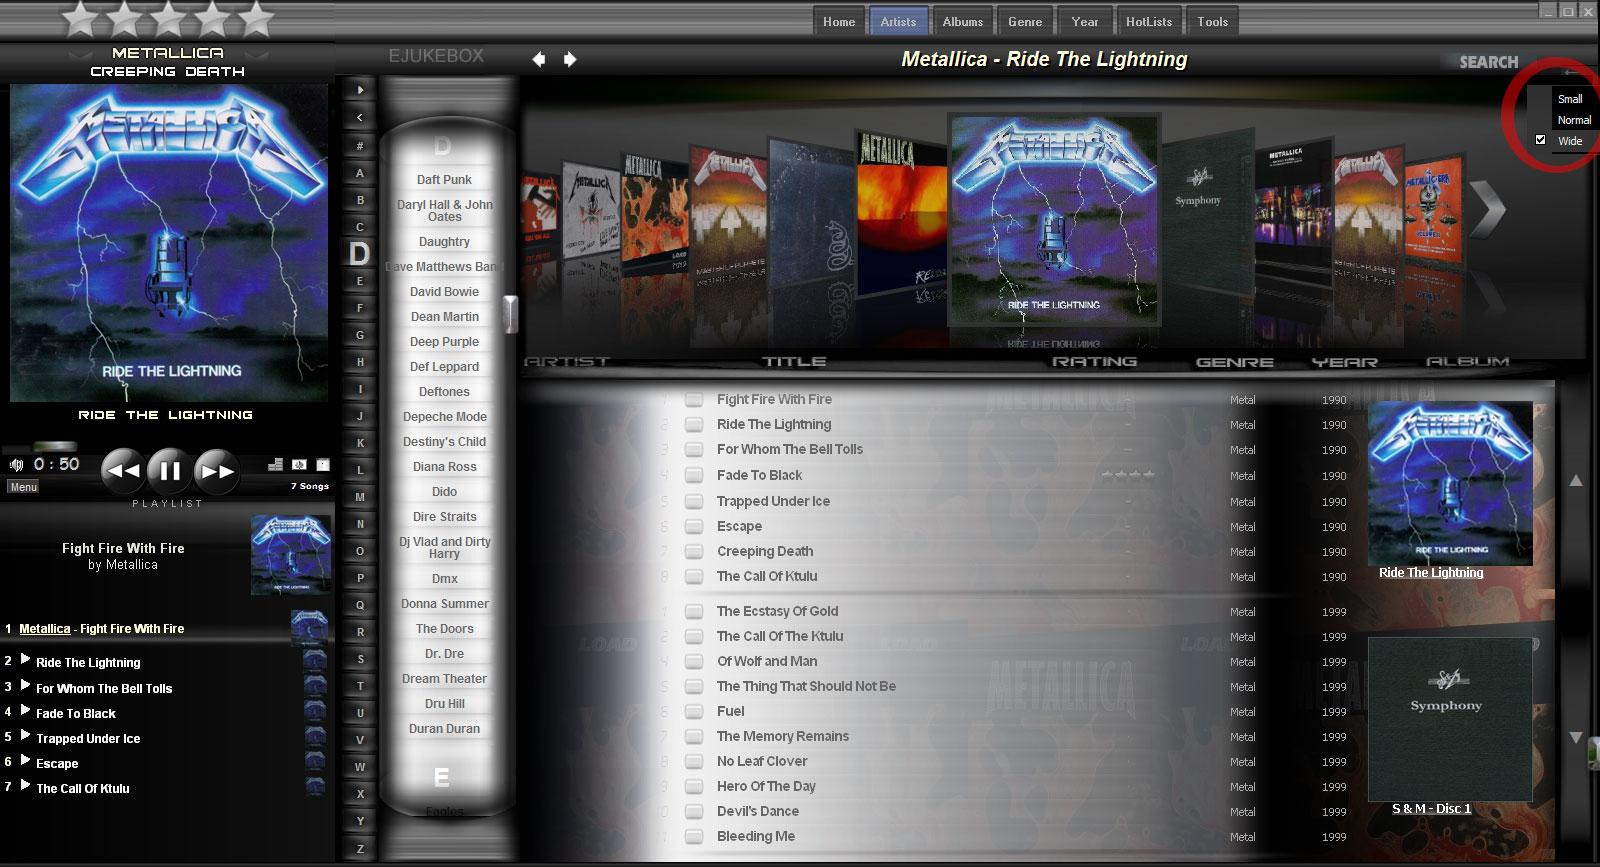 MP3 FOUINE FT MUSIC GRATUIT ZAHO LA TÉLÉCHARGER